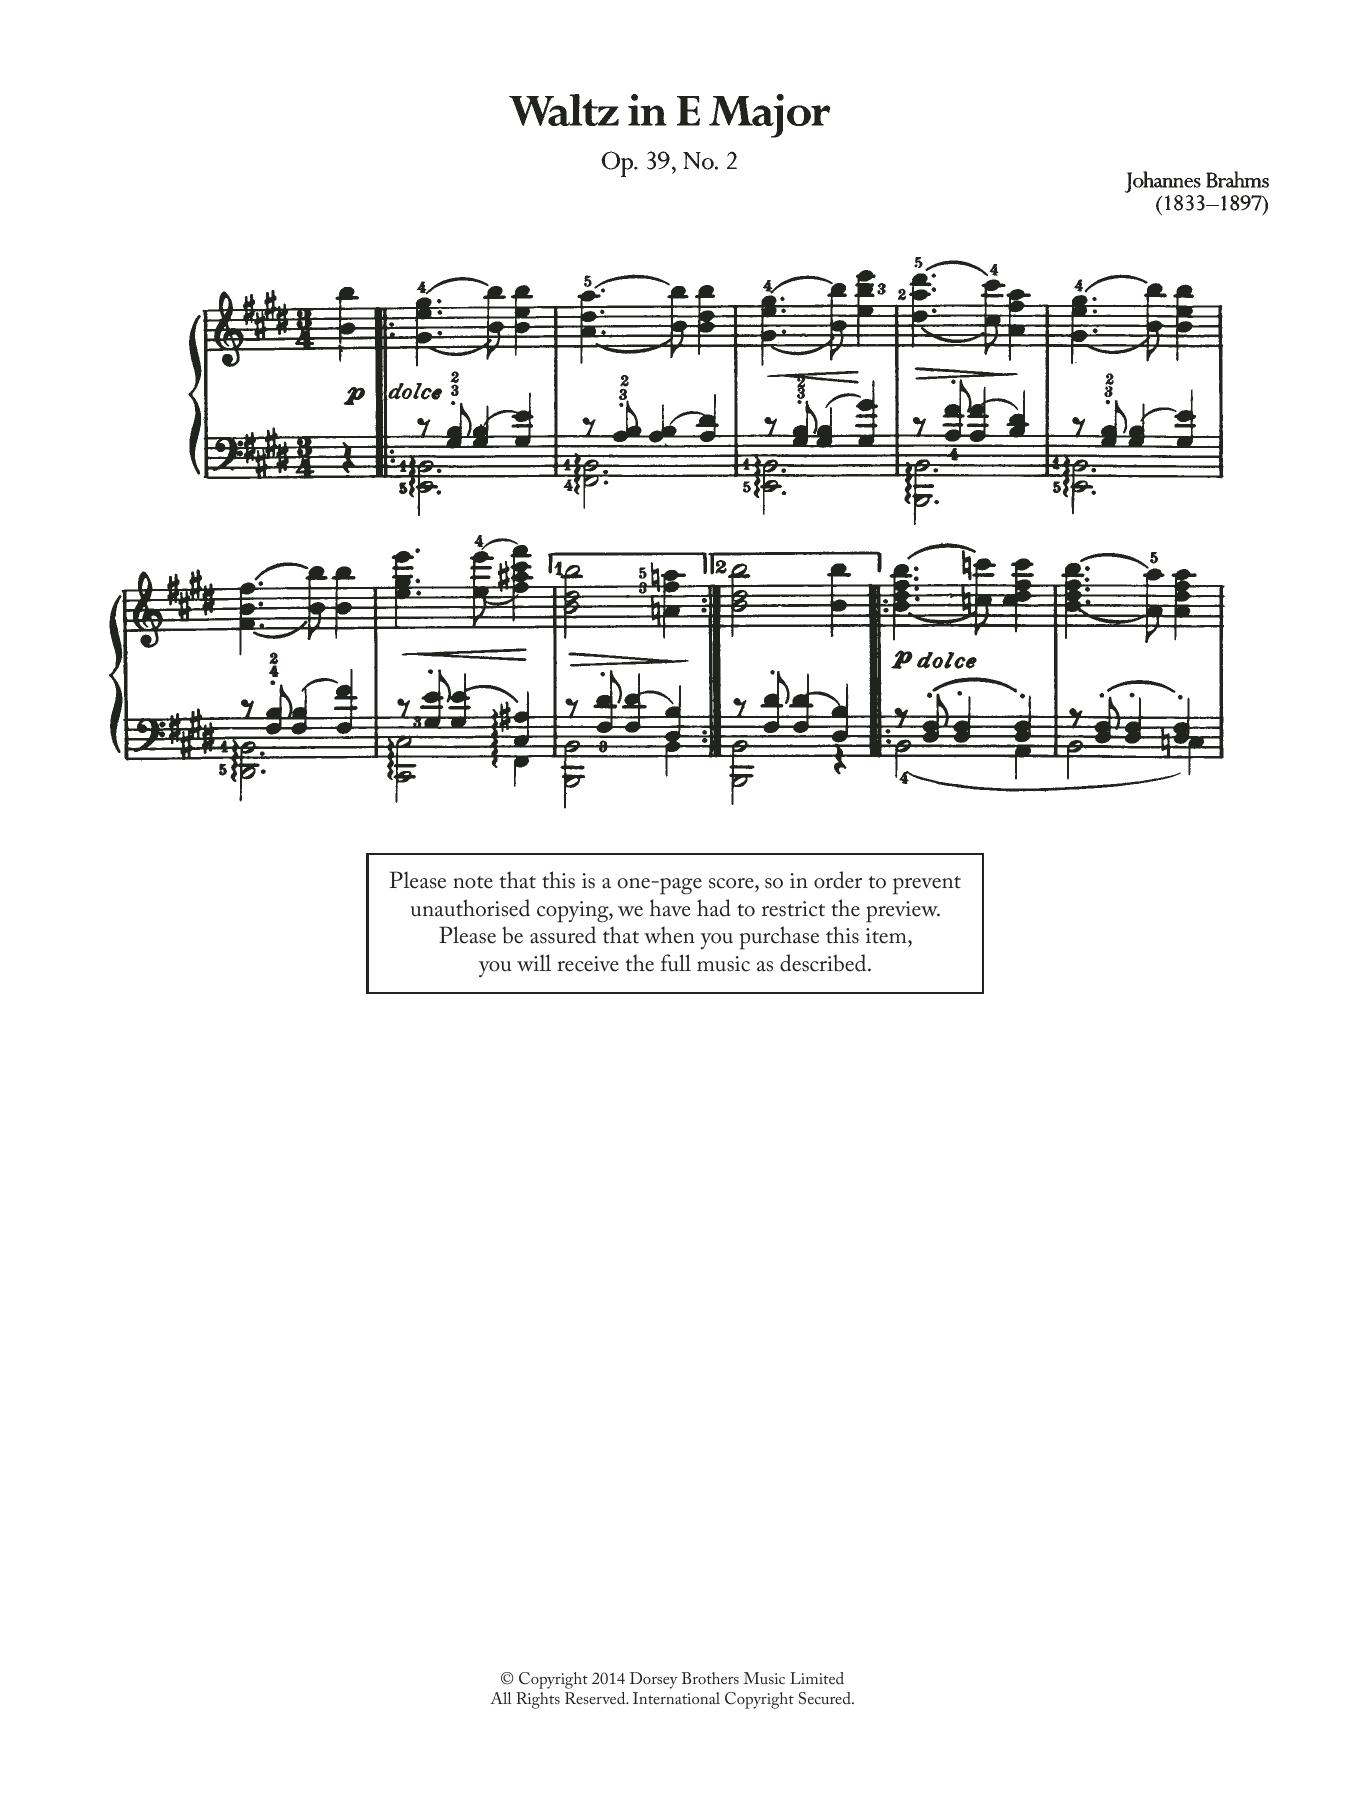 Johannes Brahms - Waltz In E Major, Op.39 No.2